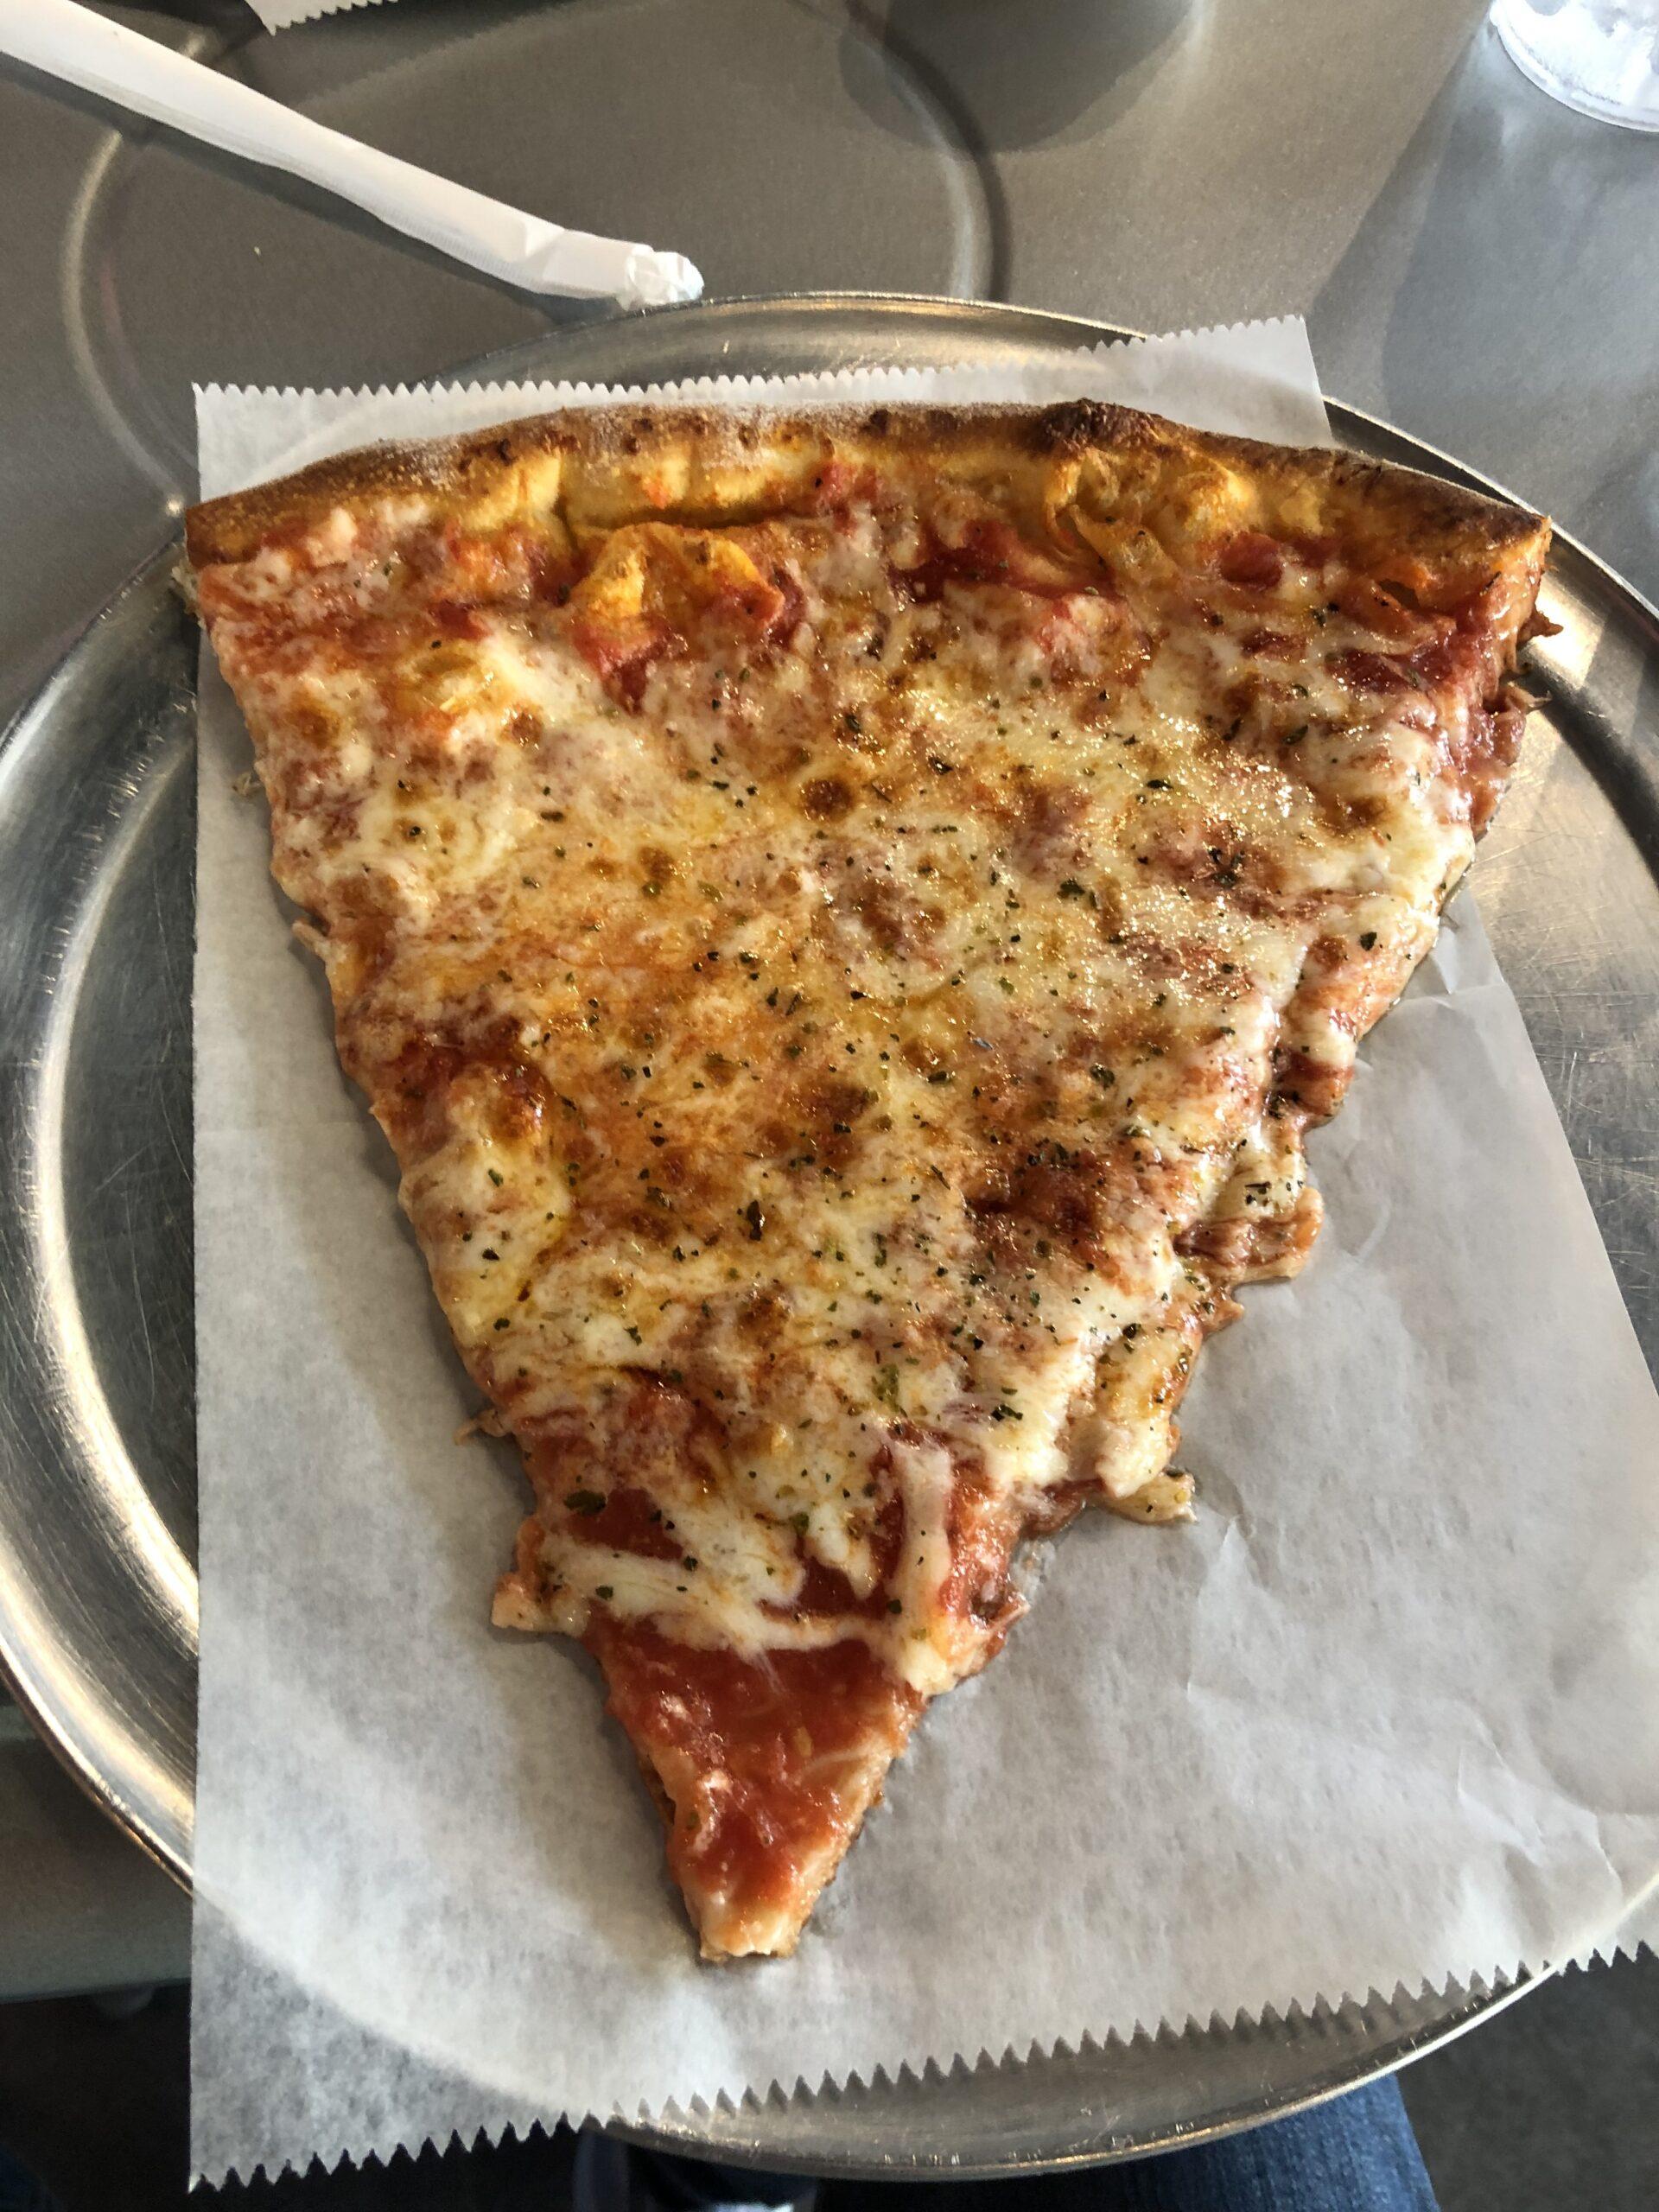 Cheese pizza slice at La Rossa Pizzeria